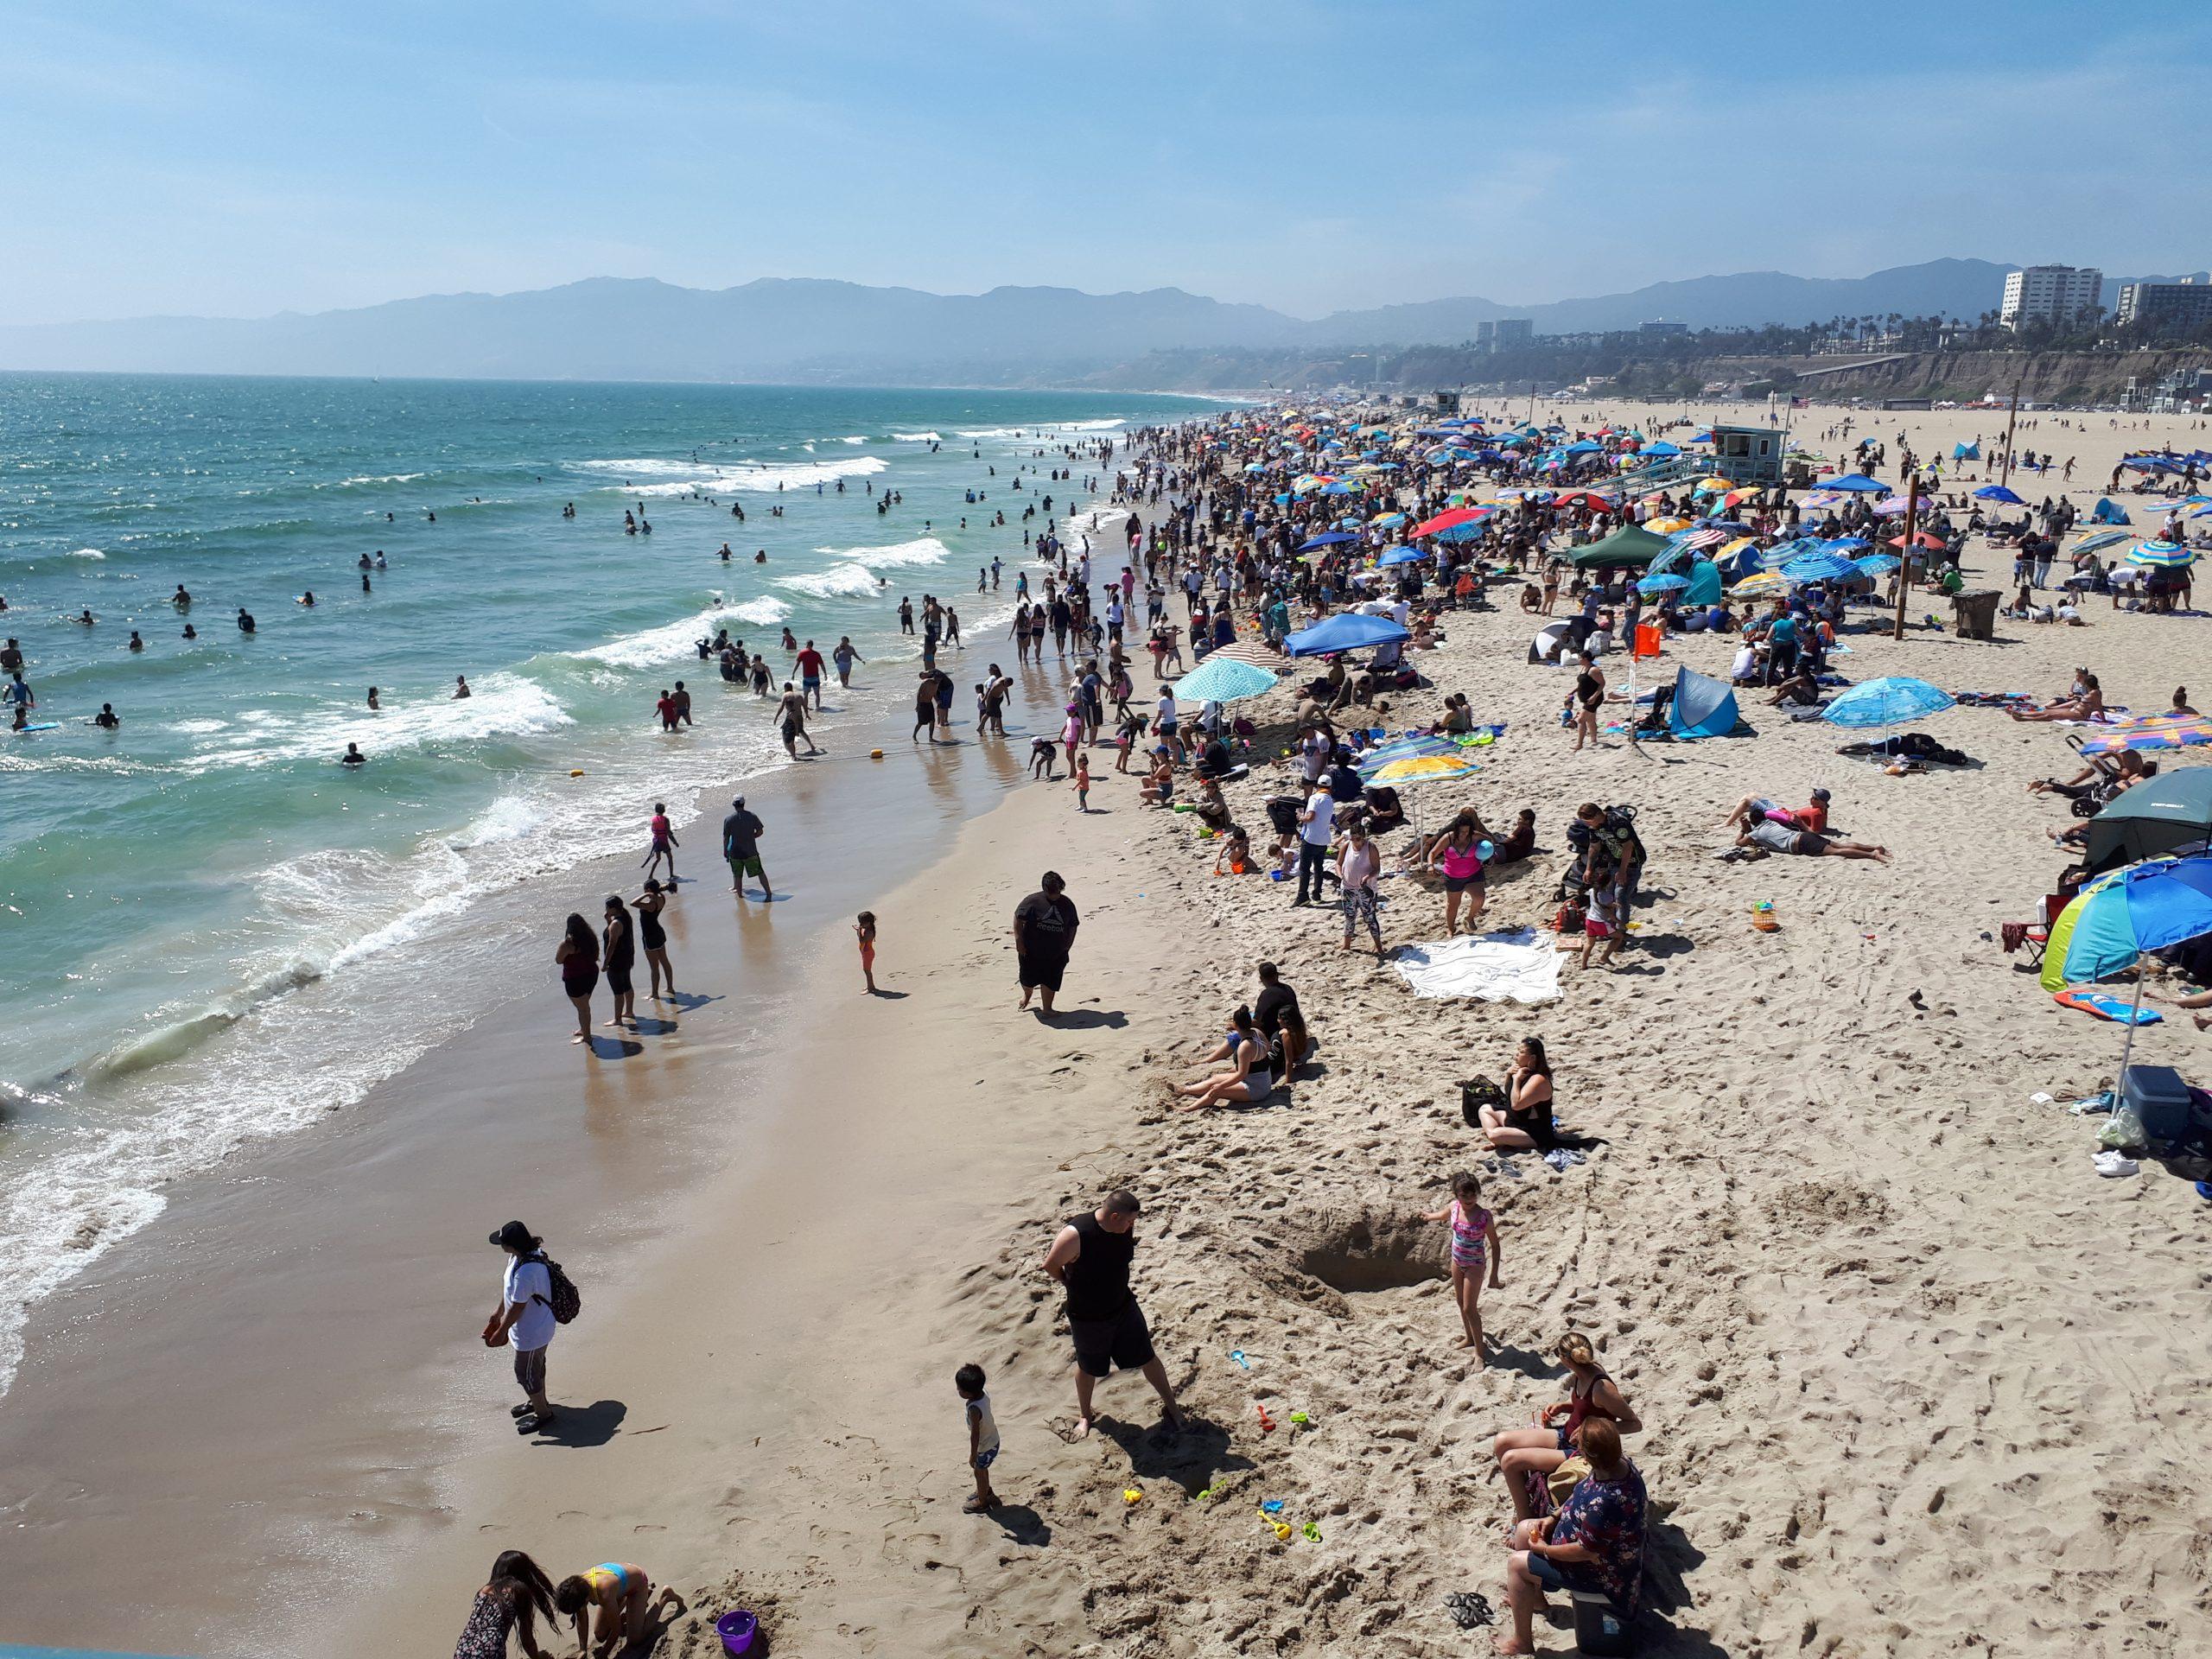 """Udenrigsministeriet og Sundhedsstyrelsen har udsendt beroligende pressemeddelelse for at nedtone utrygheden ved udlandsrejser i forbindelse med coronavirus. """"Corona bør ikke få nogen til at stoppe deres ferieplanlægning,"""" hedder det blandt andet. Arkivfoto fra Californien, Henrik Baumgarten."""